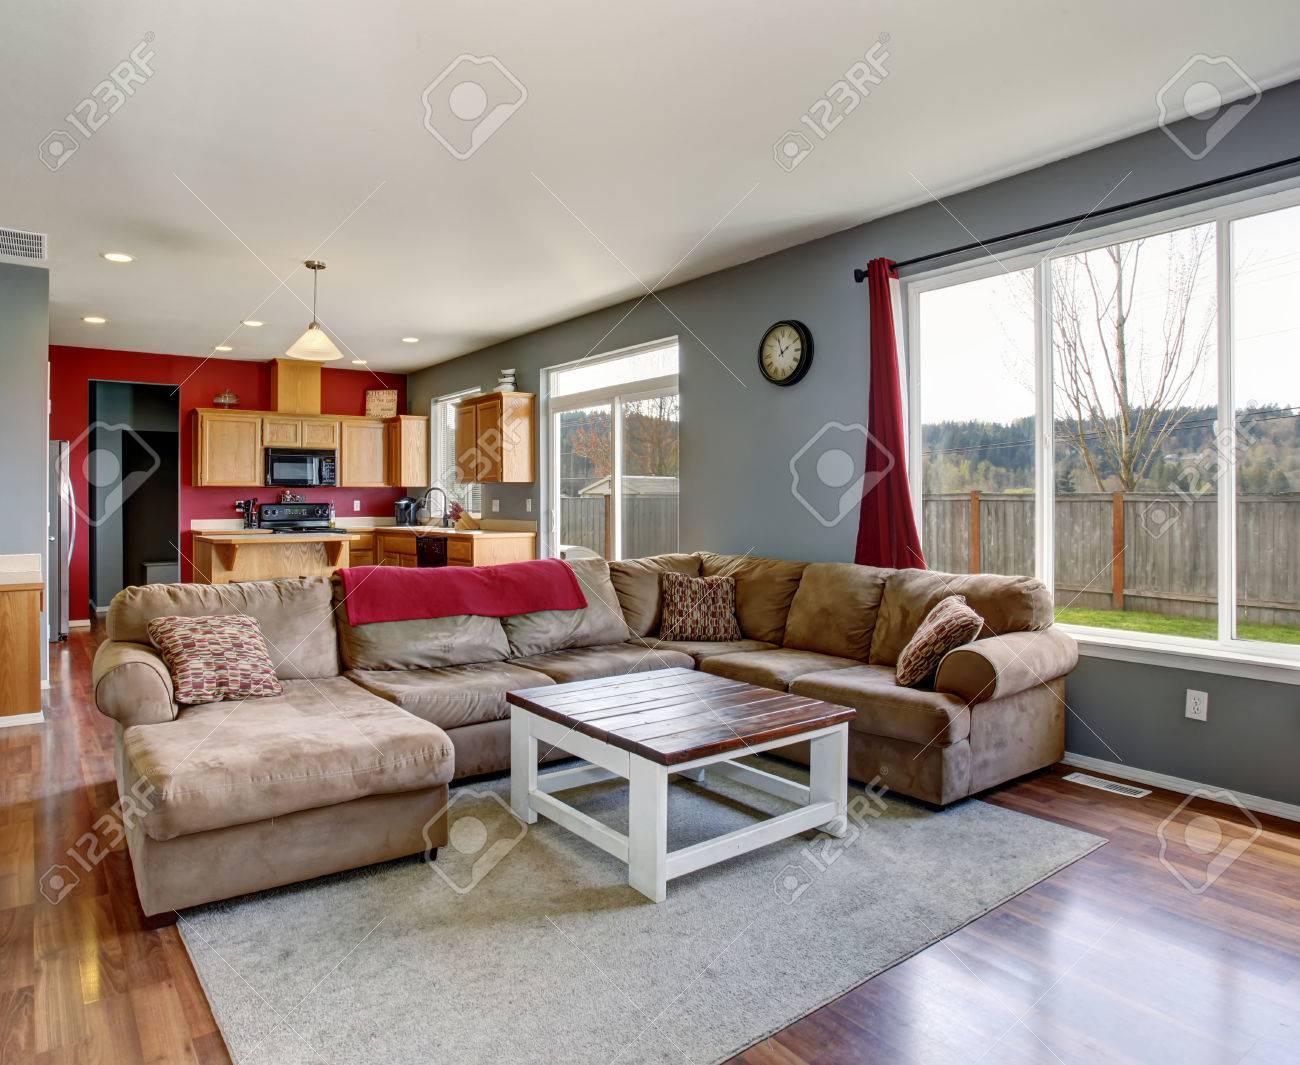 Modernes Wohnzimmer Mit Grauen Wänden, Einschließlich Beige Sofa Und  Parkett. Standard Bild